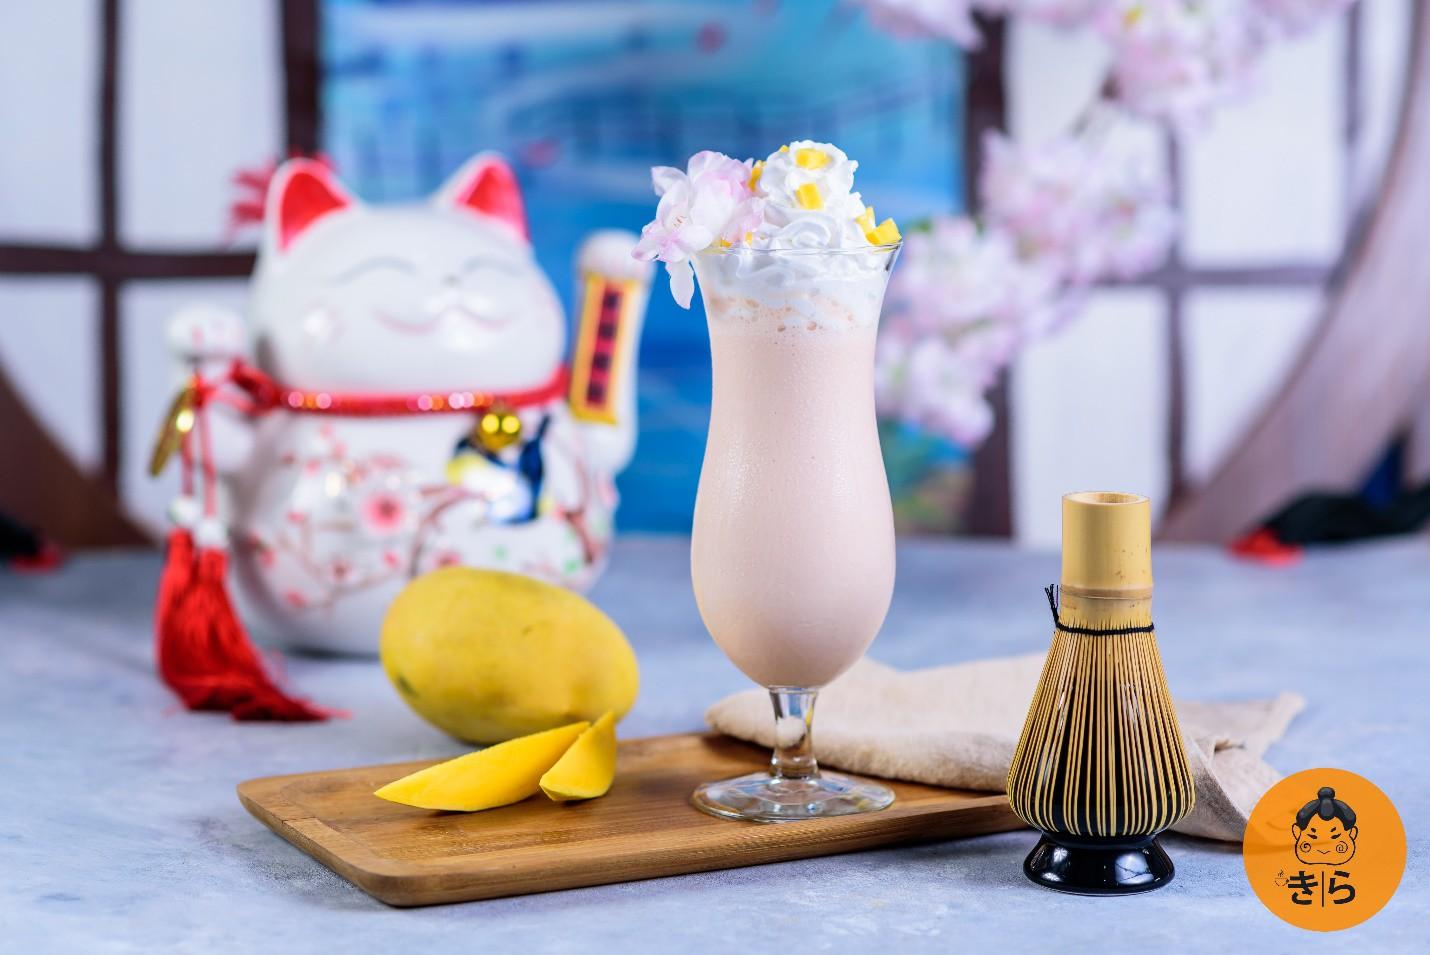 Hoàng Dũng The Voice, Dương Trần Nghĩa và FatB quẩy tưng bừng tại Kira Coffee & Lounge - Ảnh 6.